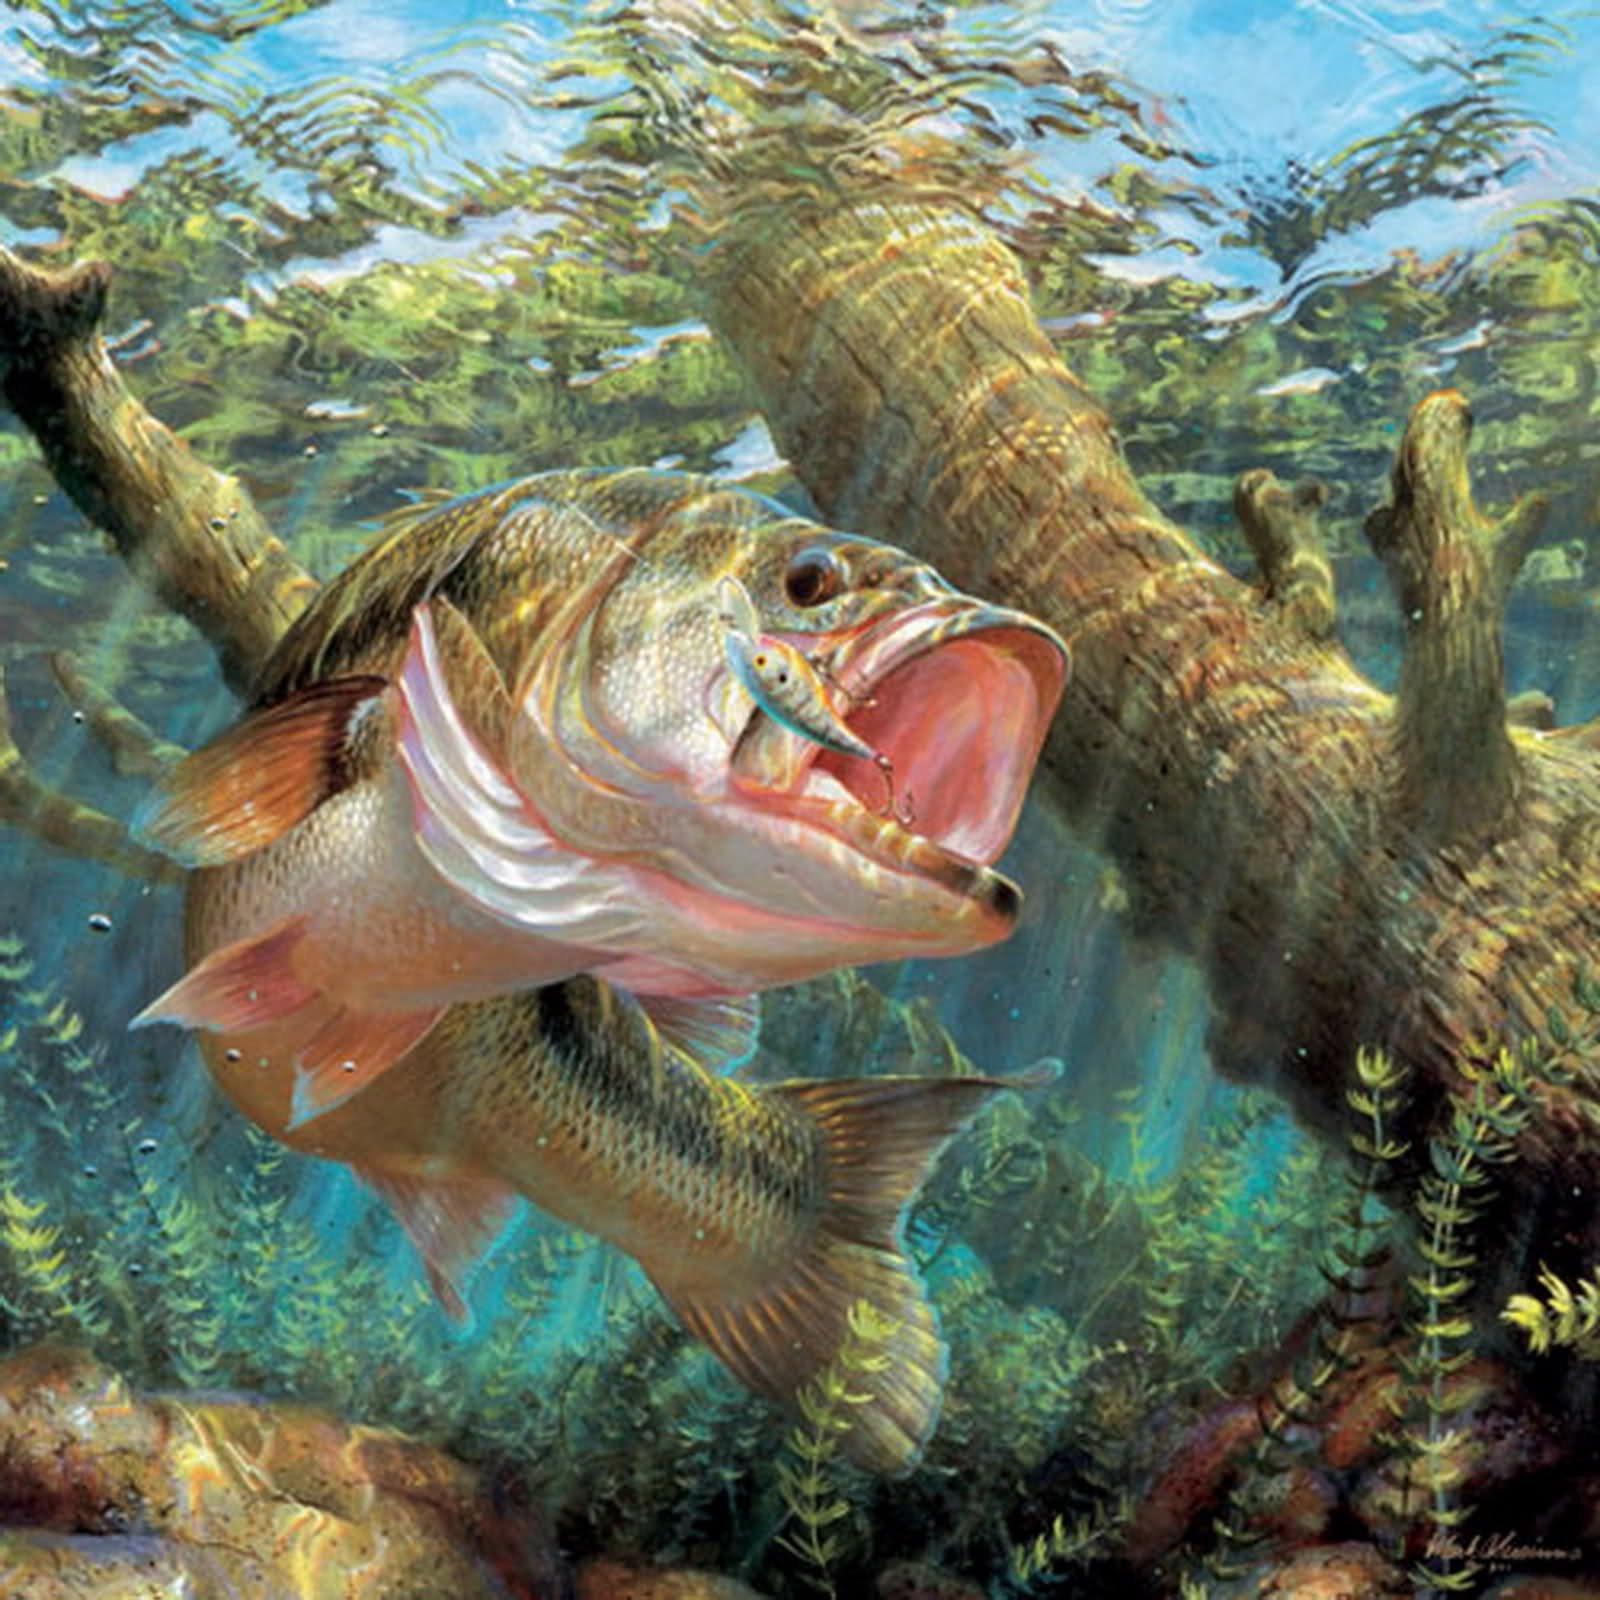 Bass Fishing Wallpaper Backgrounds Bass wallpaper background 1600x1600